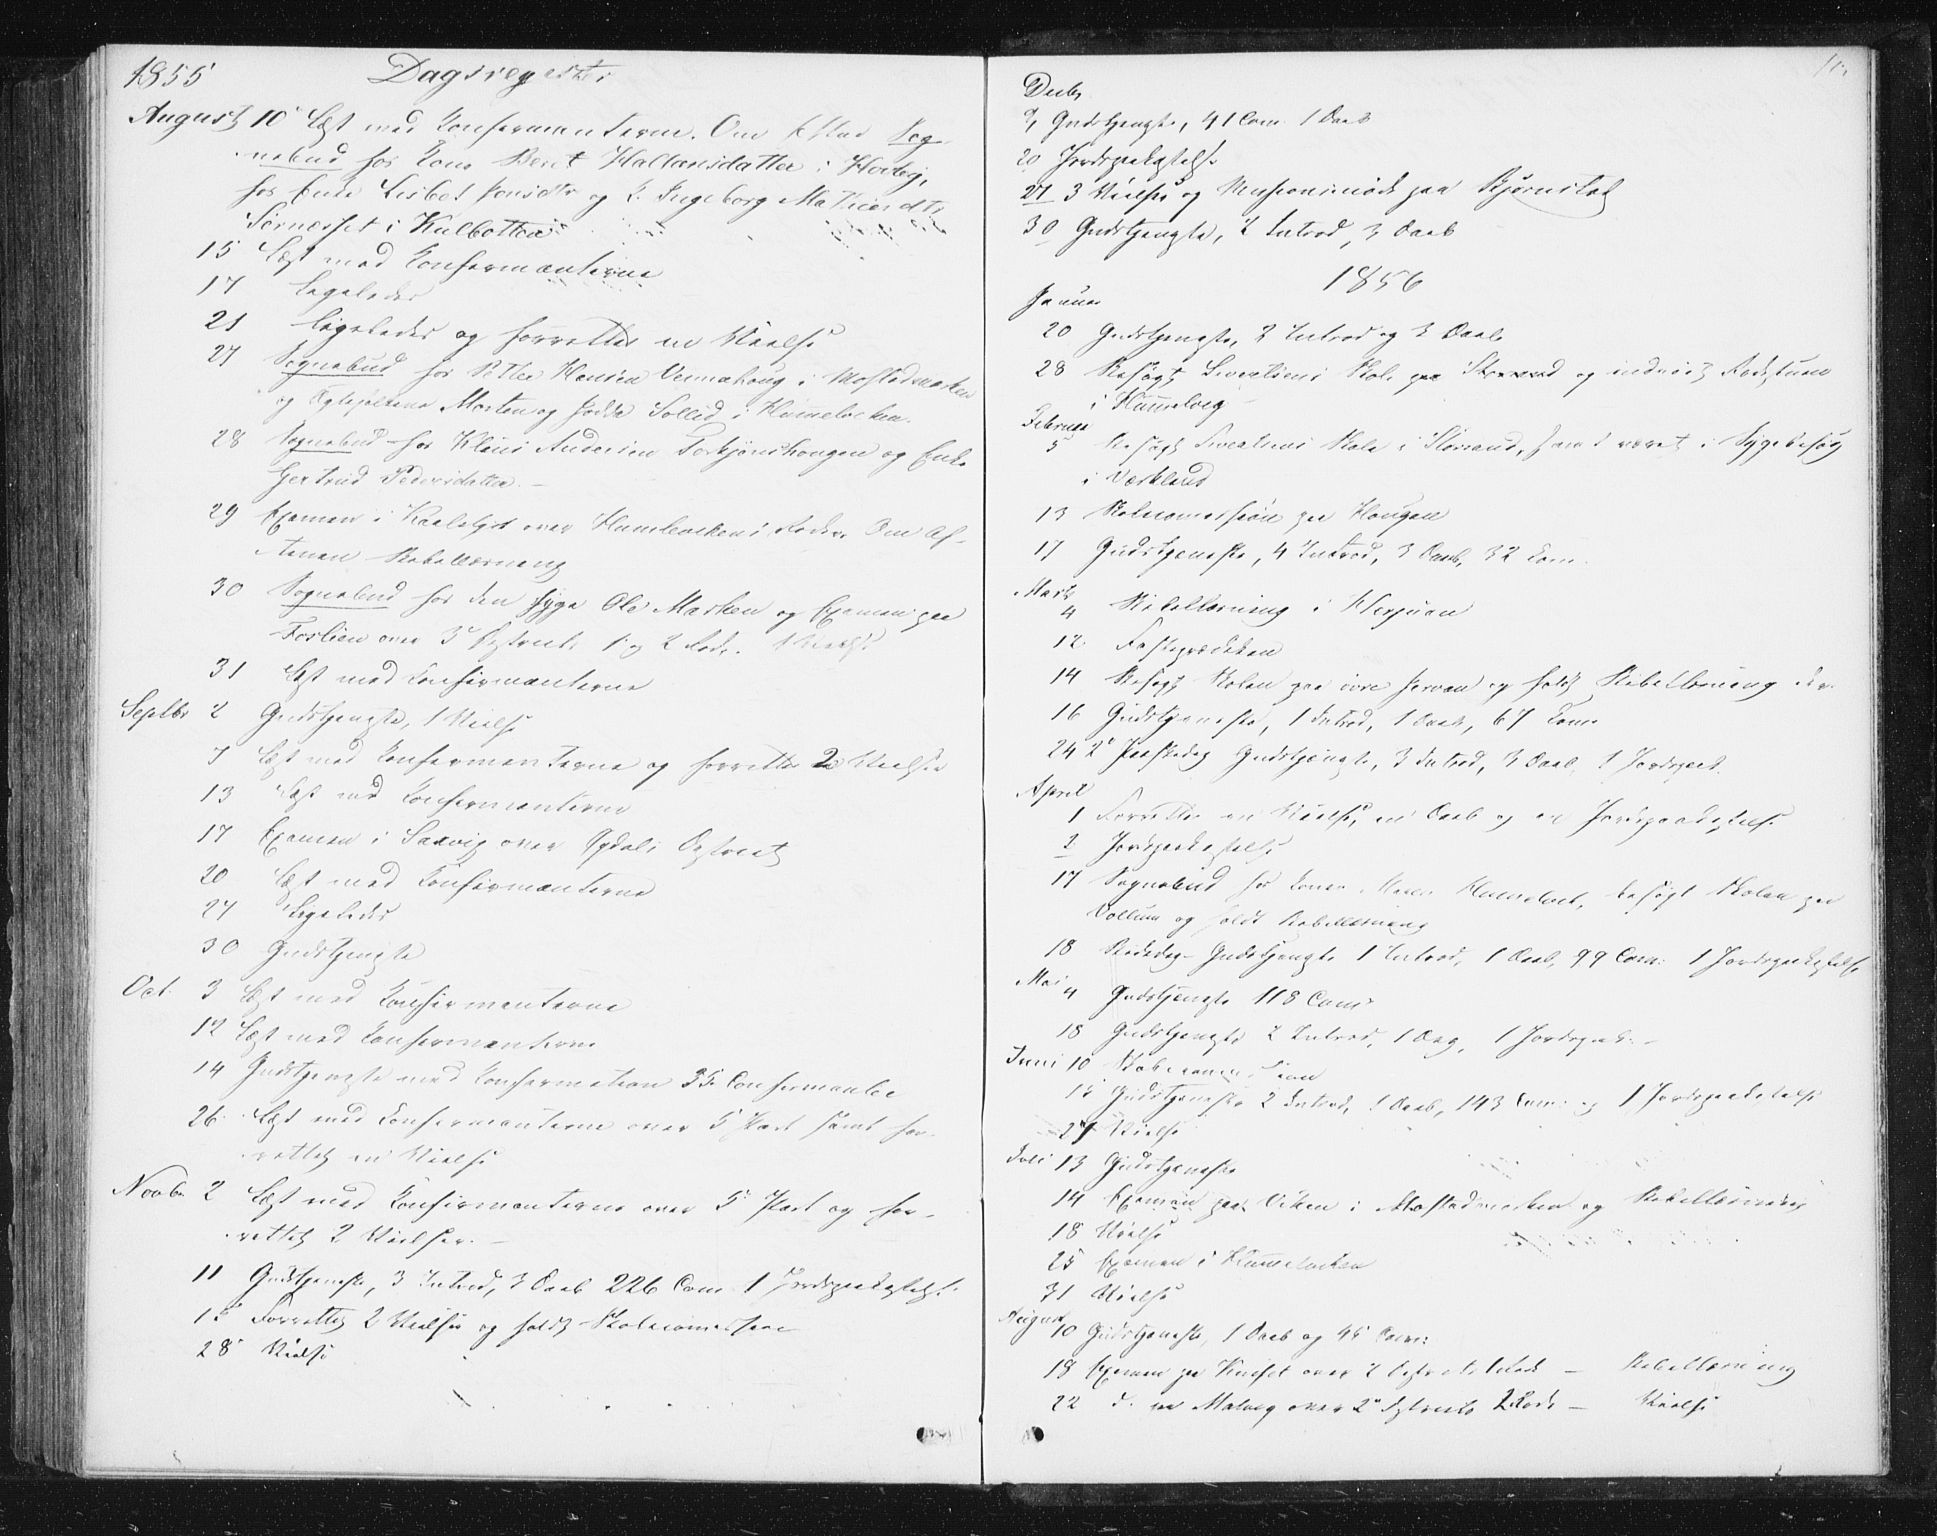 SAT, Ministerialprotokoller, klokkerbøker og fødselsregistre - Sør-Trøndelag, 616/L0407: Ministerialbok nr. 616A04, 1848-1856, s. 179